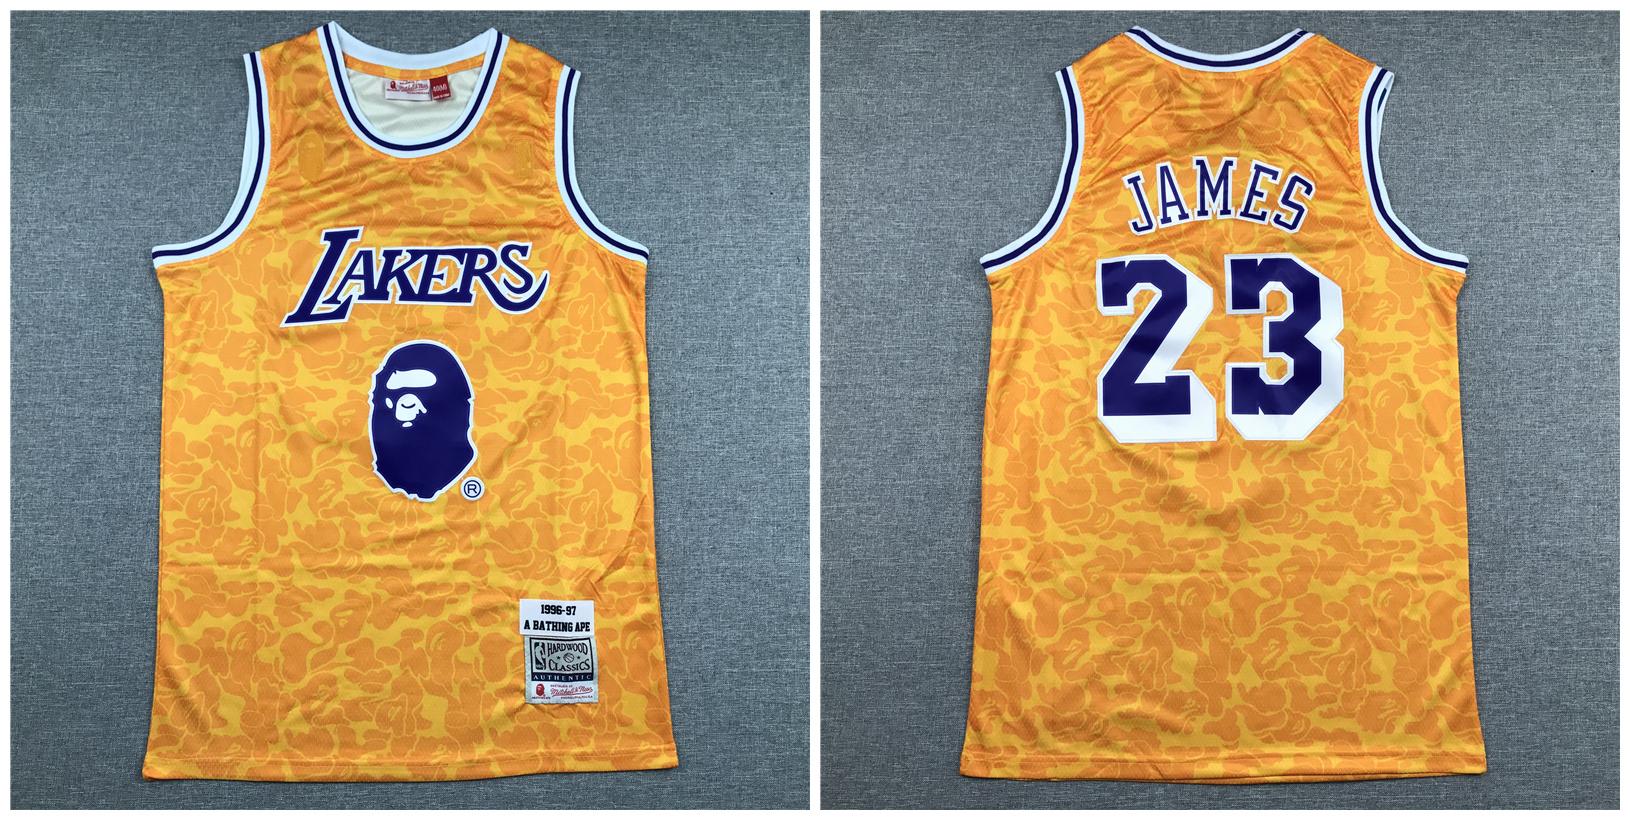 Bulls Bape 23 Michael Jordan Yellow 1996-97 Hardwood Classics Jersey